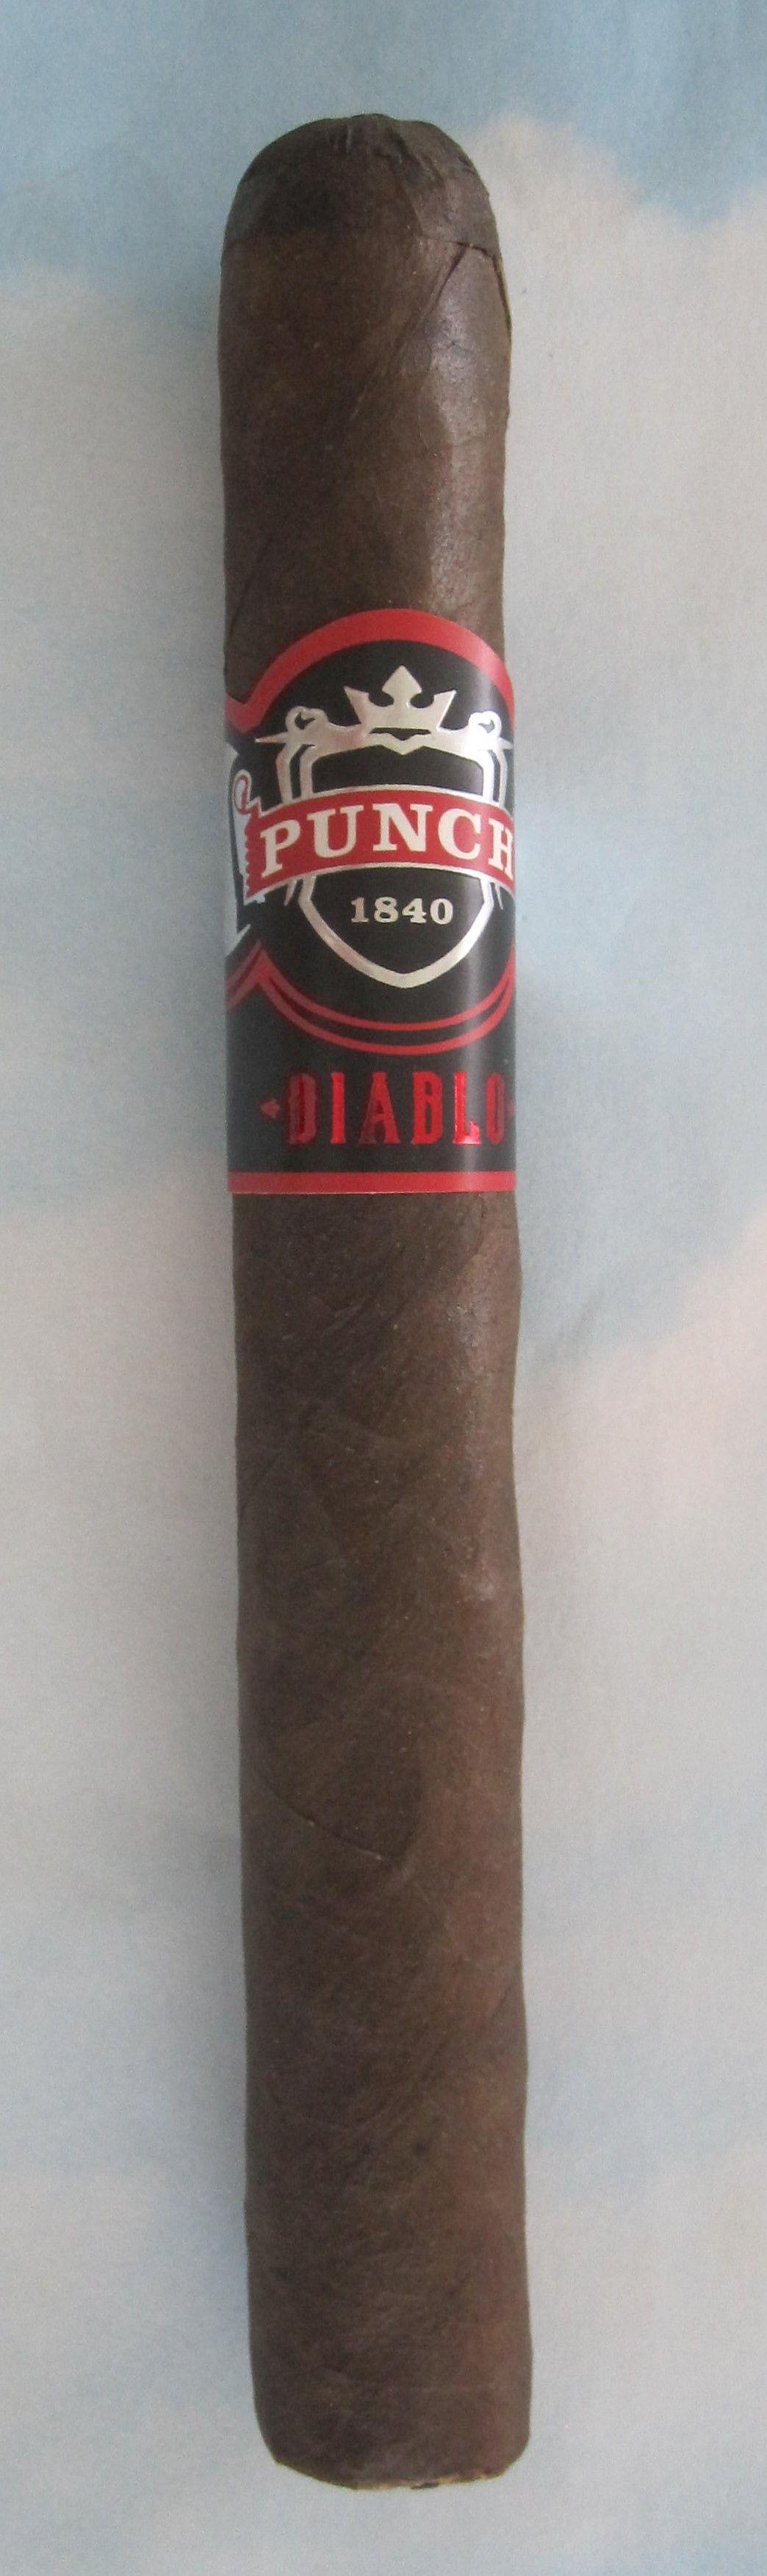 Punch Diablo Cigar